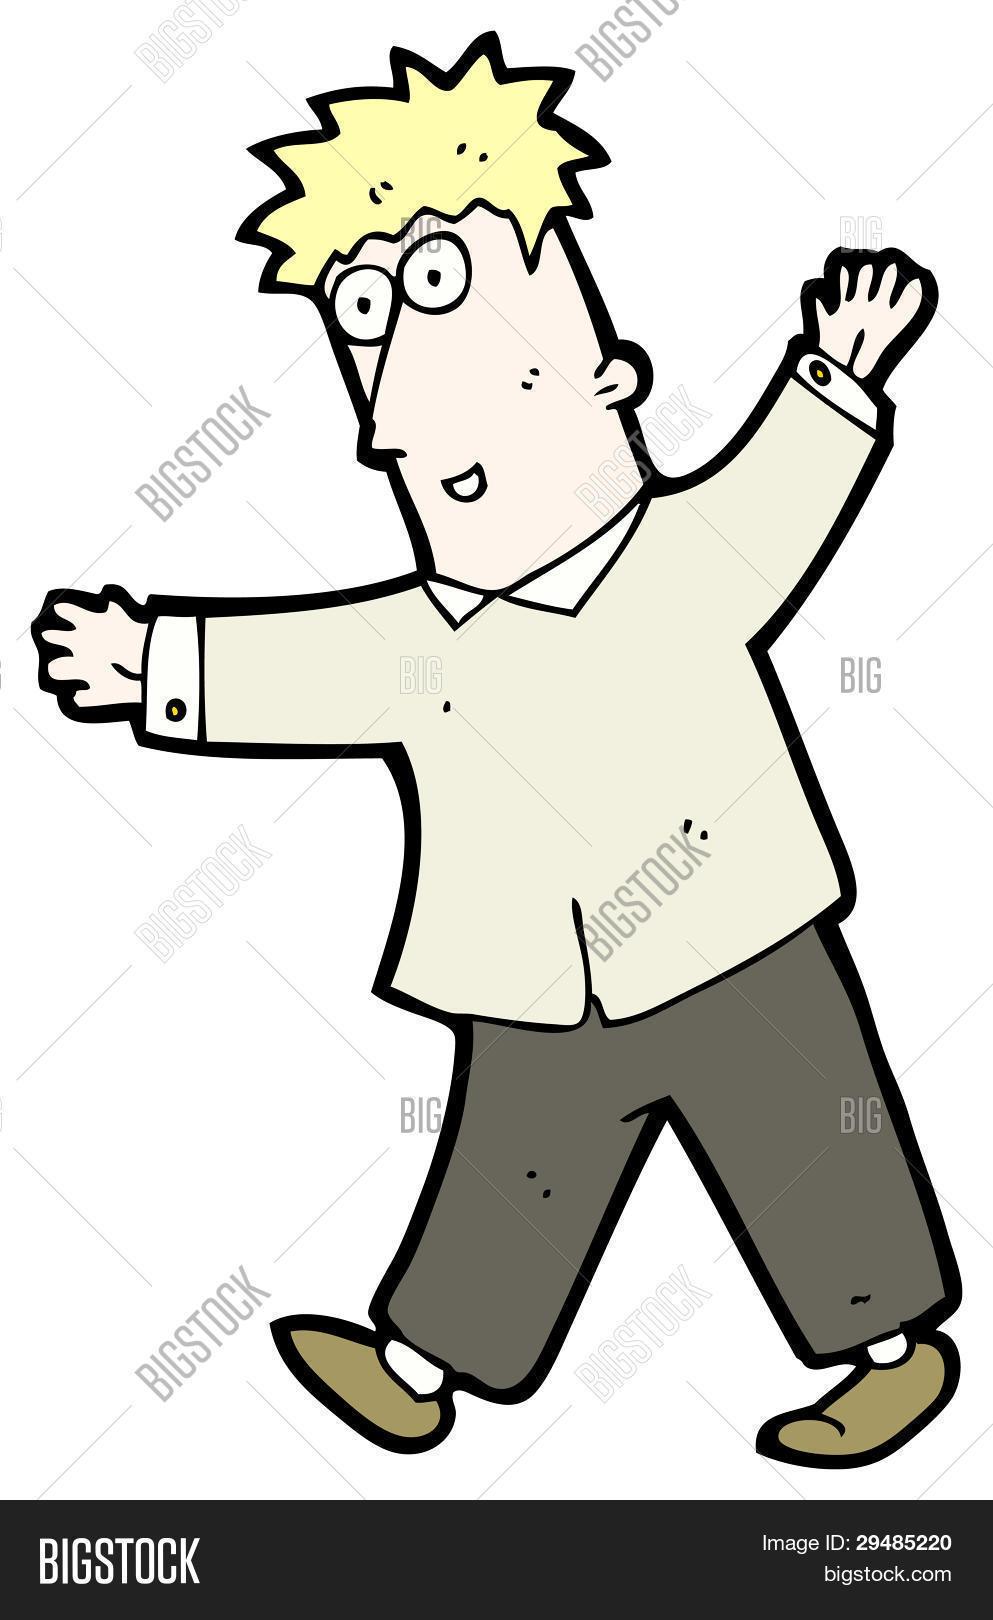 Imagen y foto Hombre Equilibrio (prueba gratis) | Bigstock